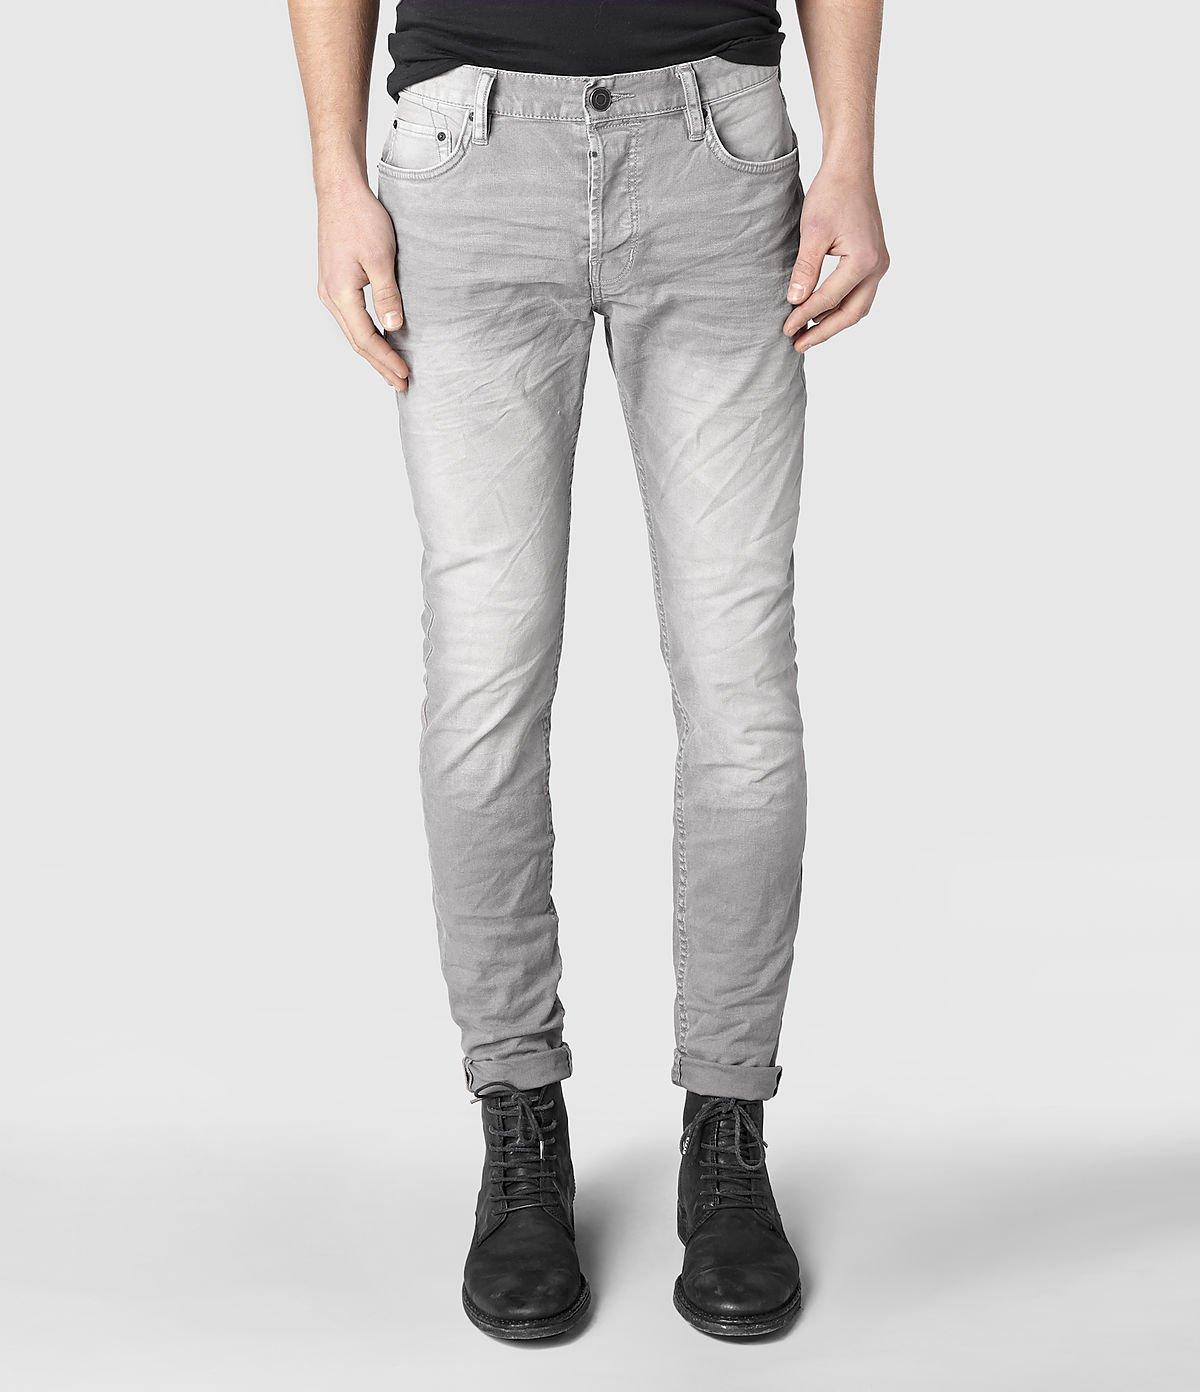 allsaints asahi cigarette jeans in light grey gray for